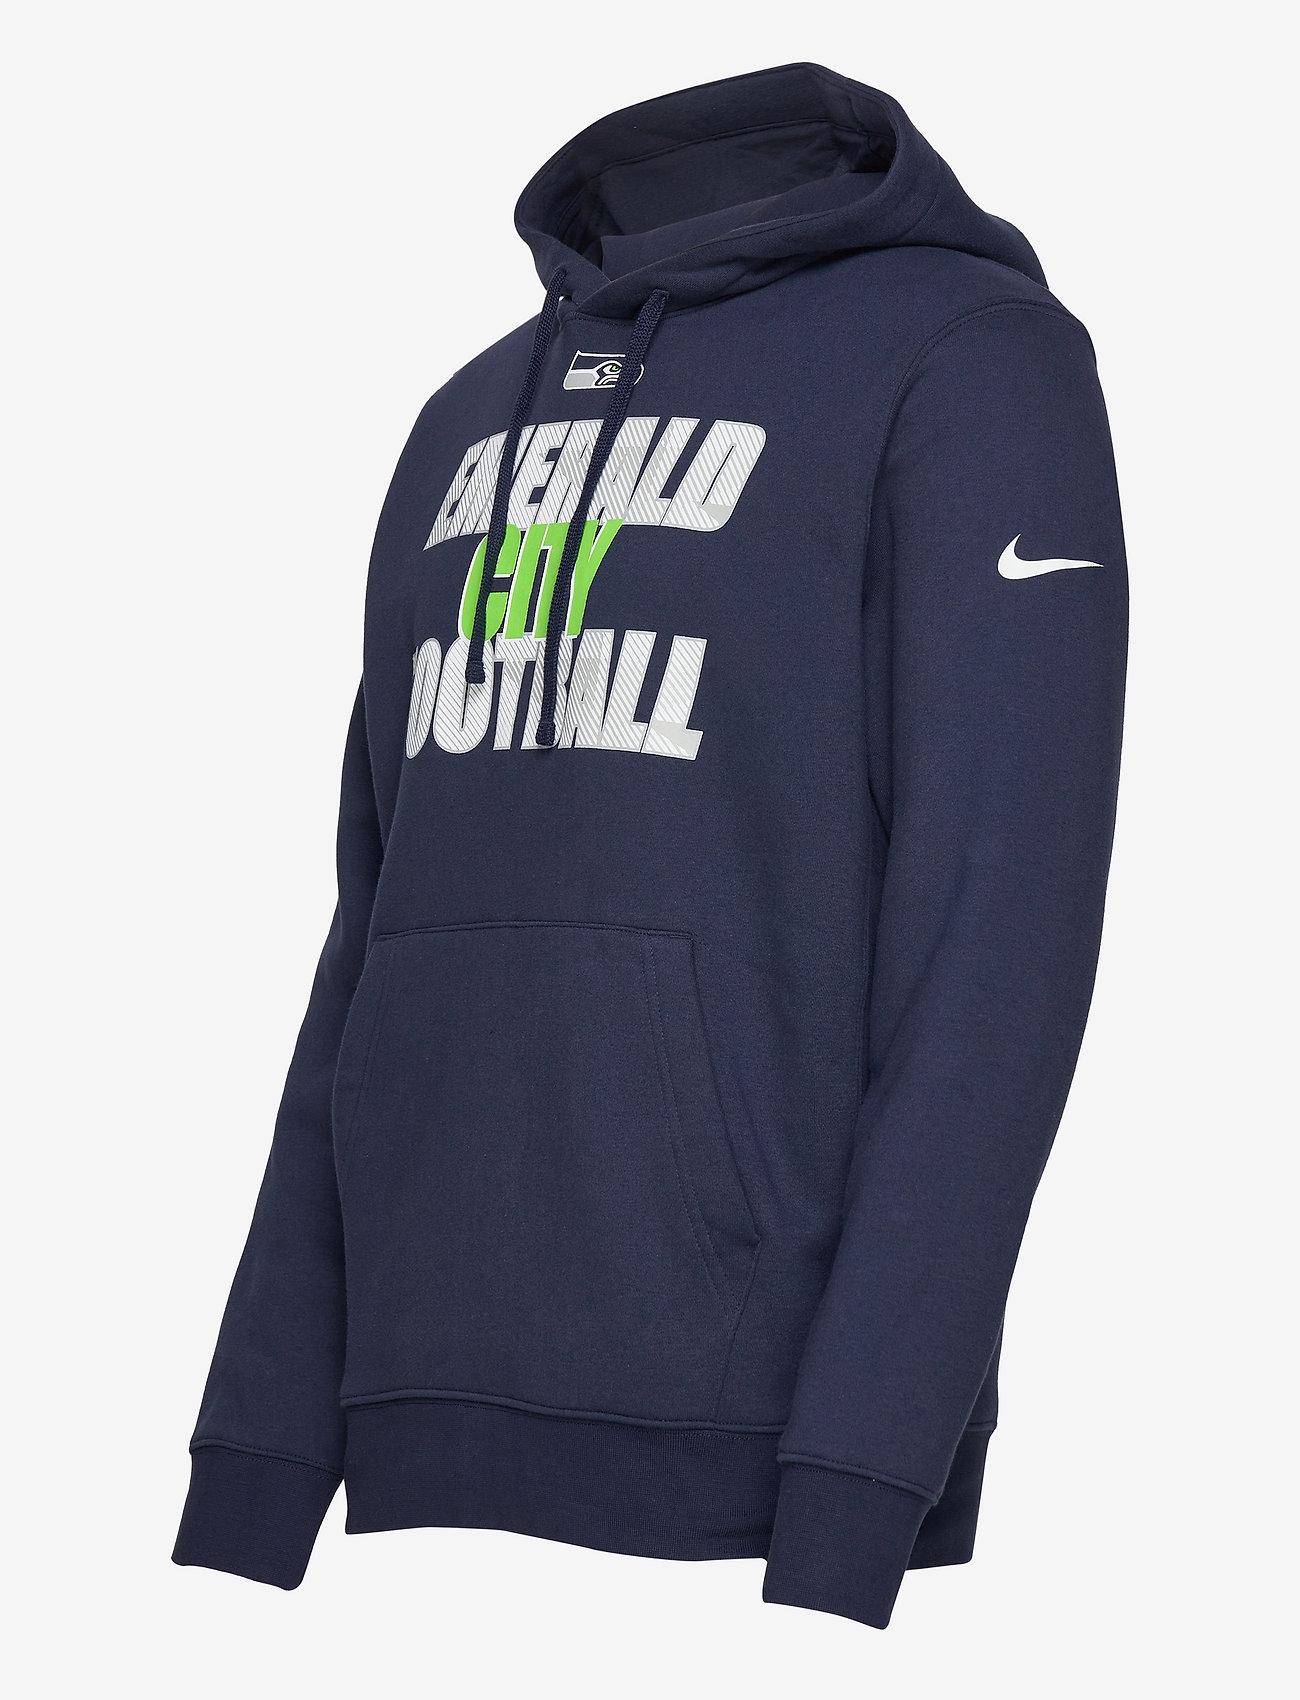 NIKE Fan Gear Seattle Seahawks Nike Local Club Fleece Hoodie - Sweatshirts COLLEGE NAVY - Menn Klær